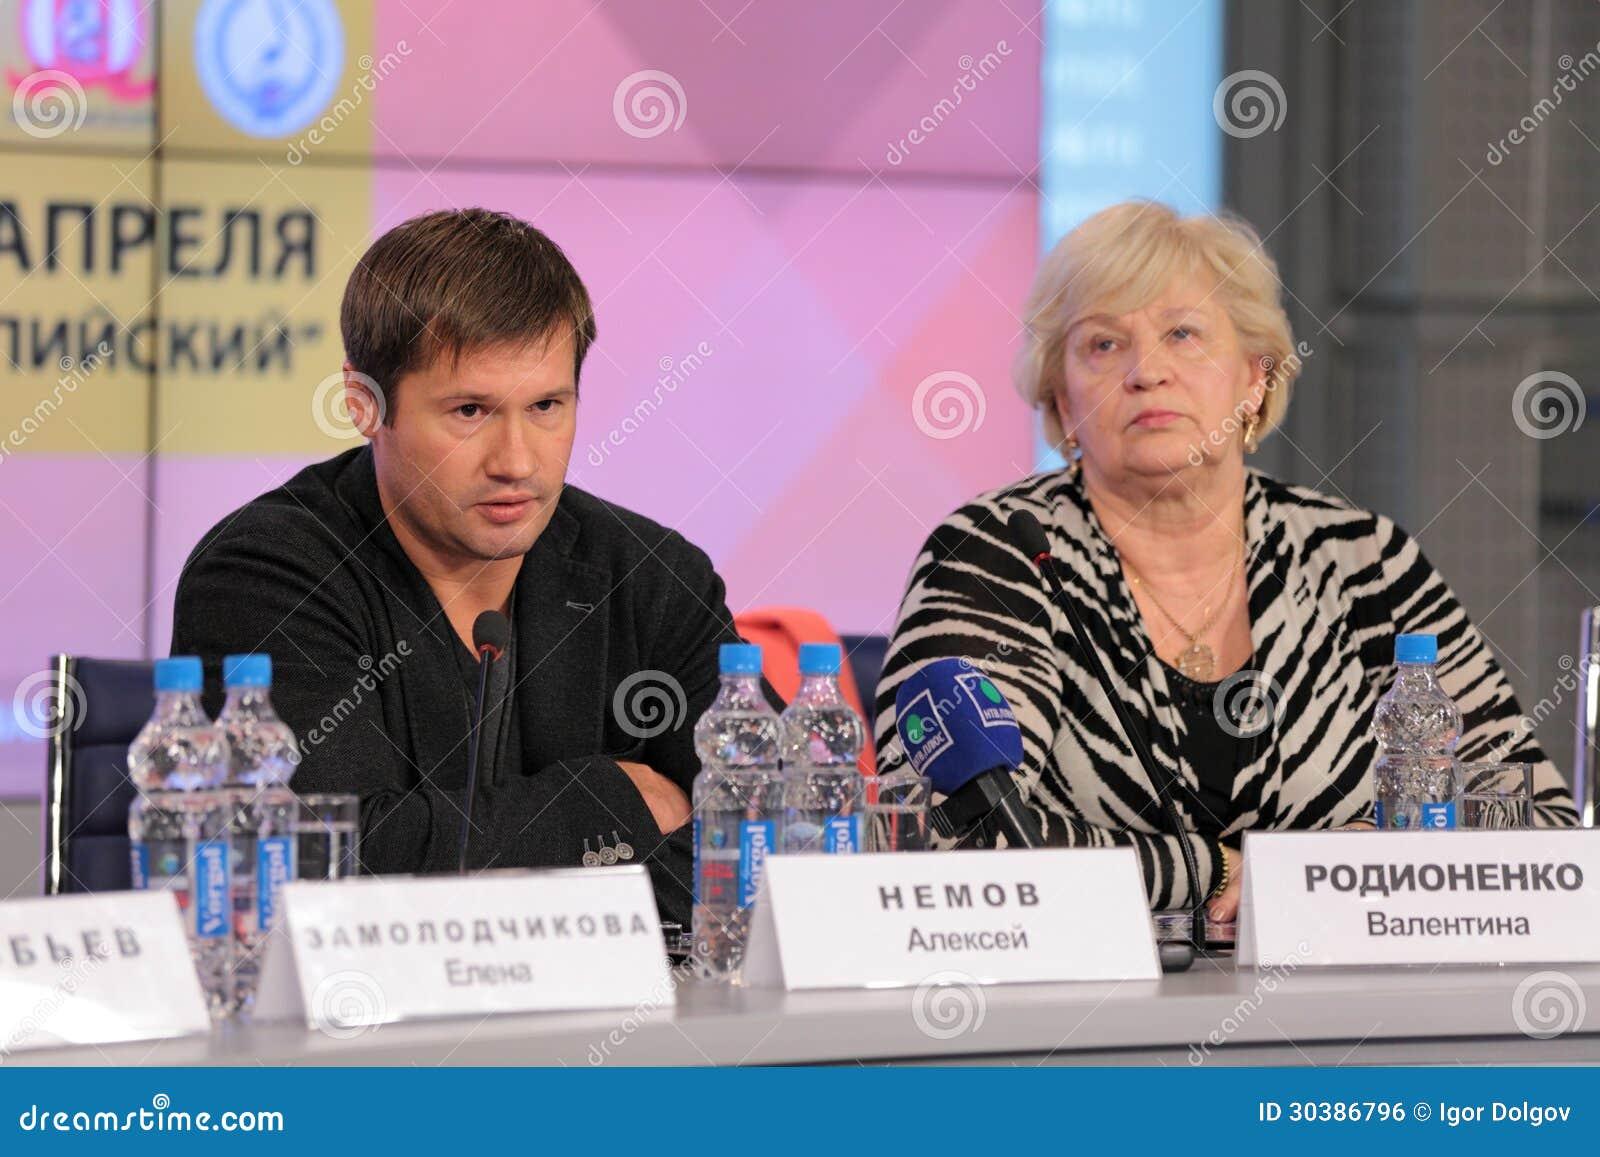 Personal life of Alexey Nemov 33